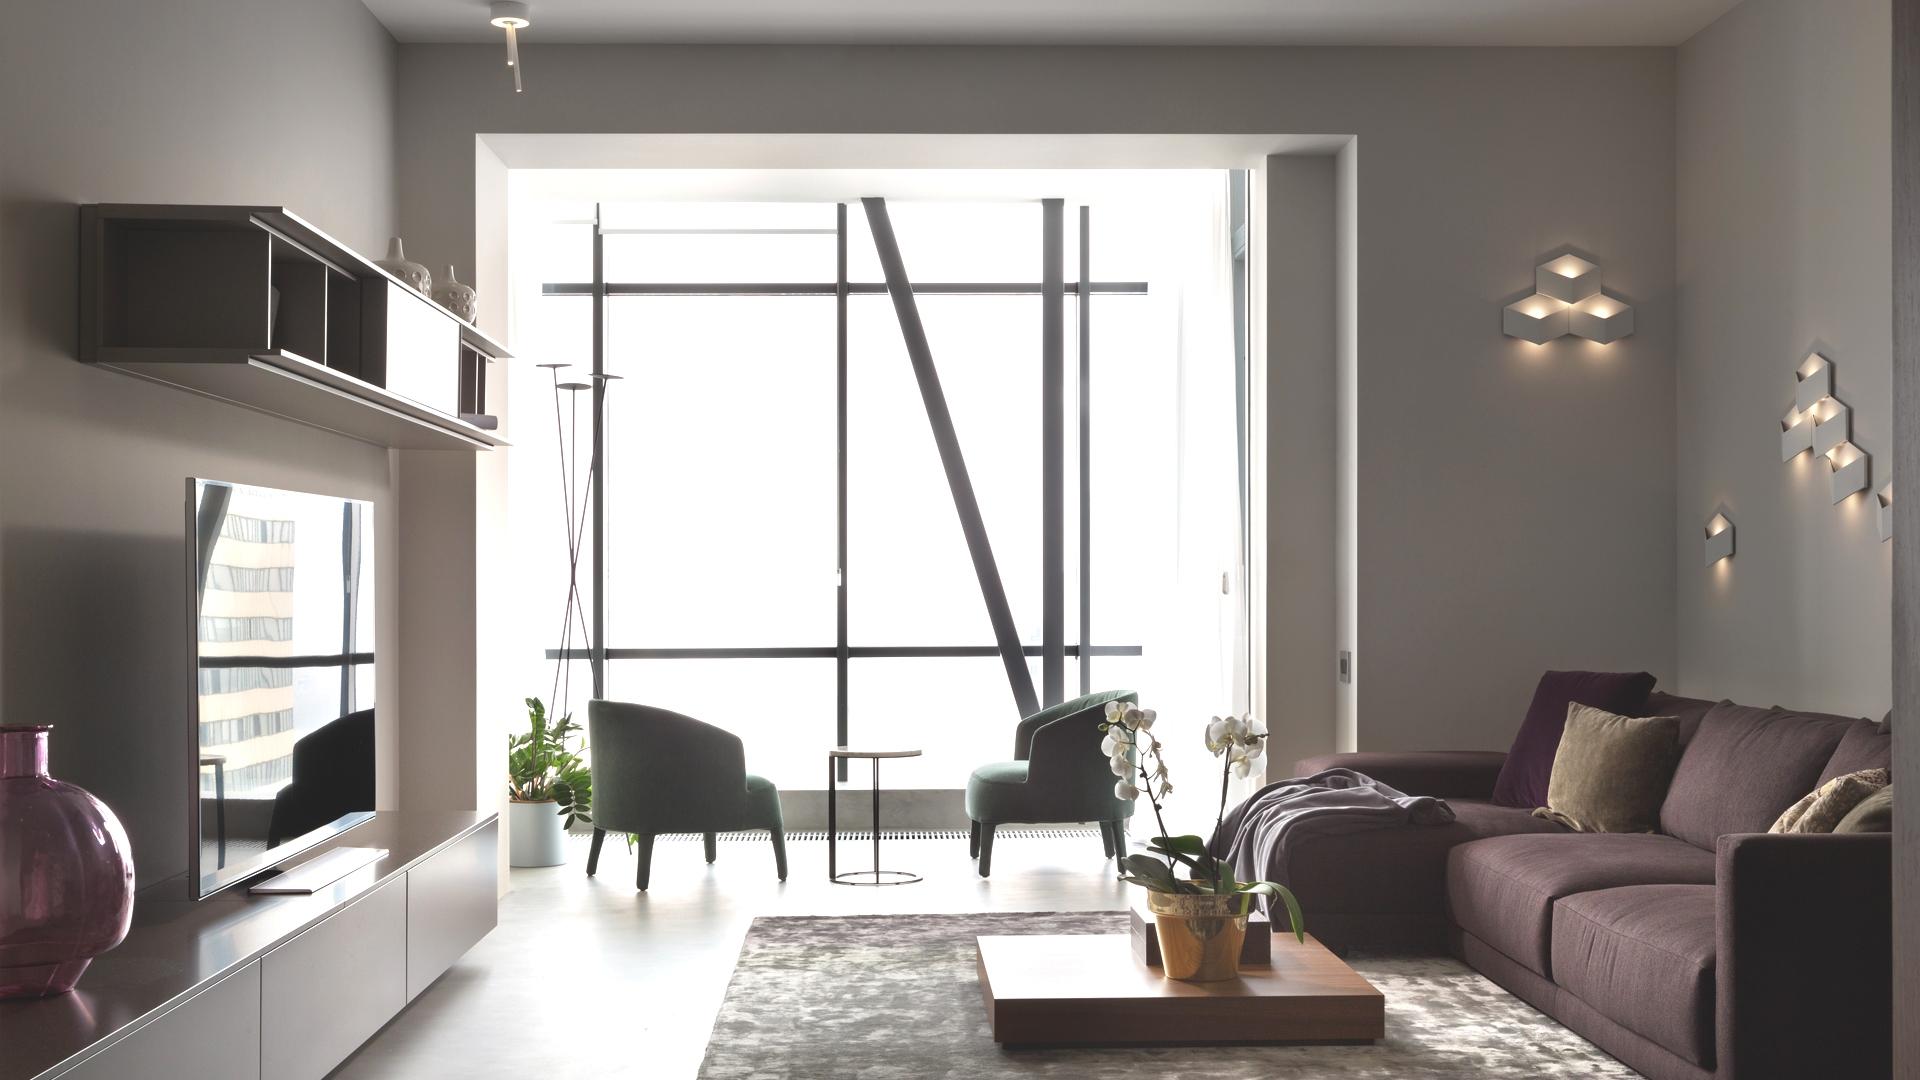 Балконное окно без штор